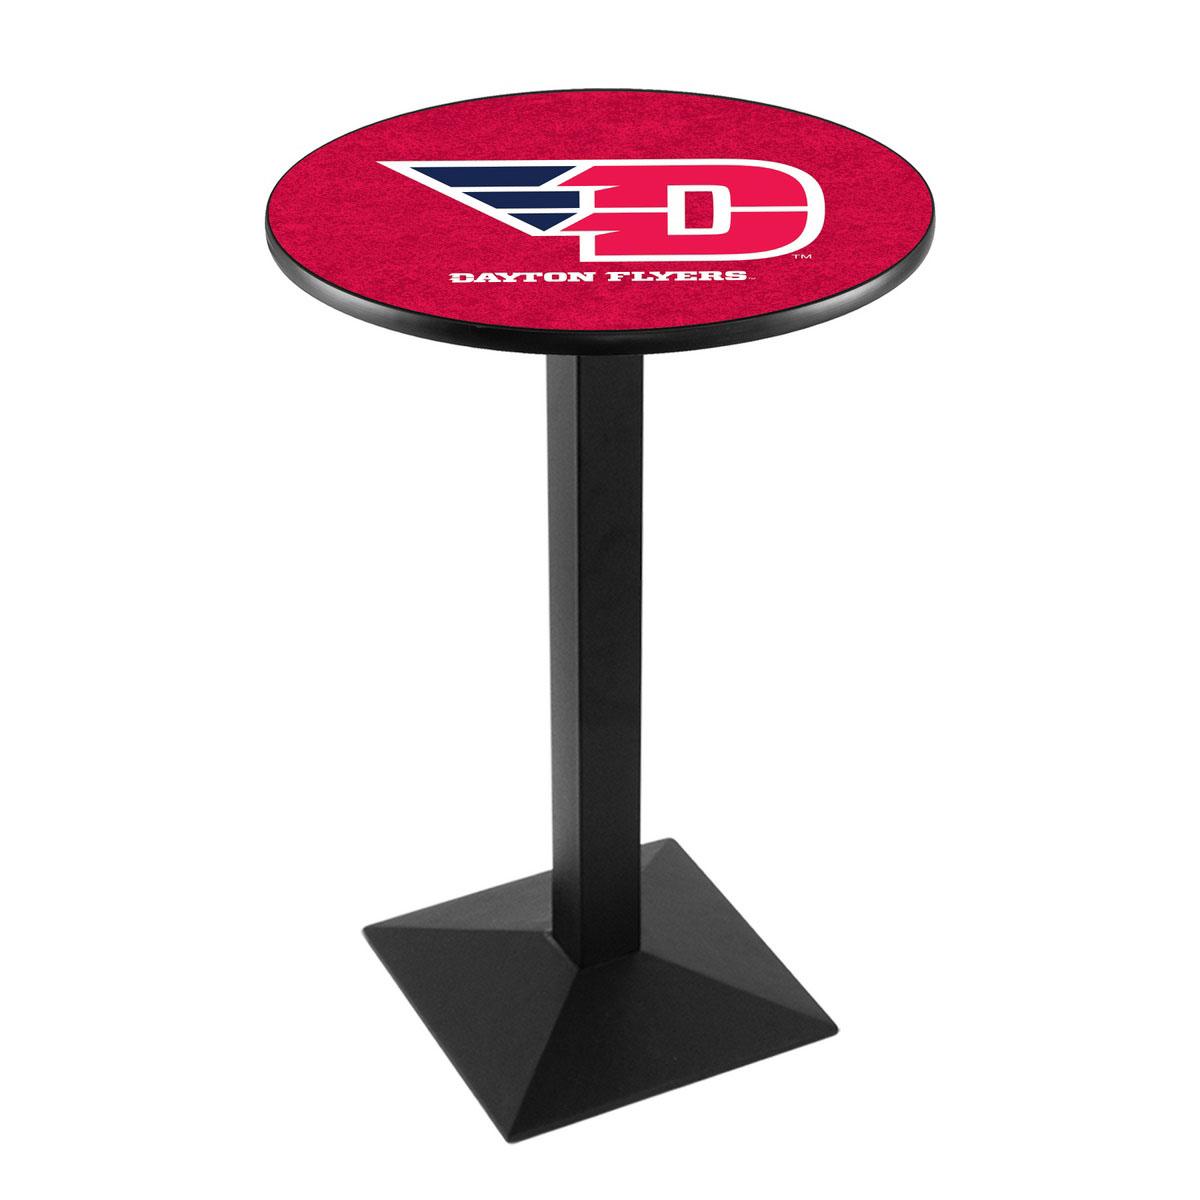 Amazing University Dayton Logo Pub Bar Table Square Stand Product Photo